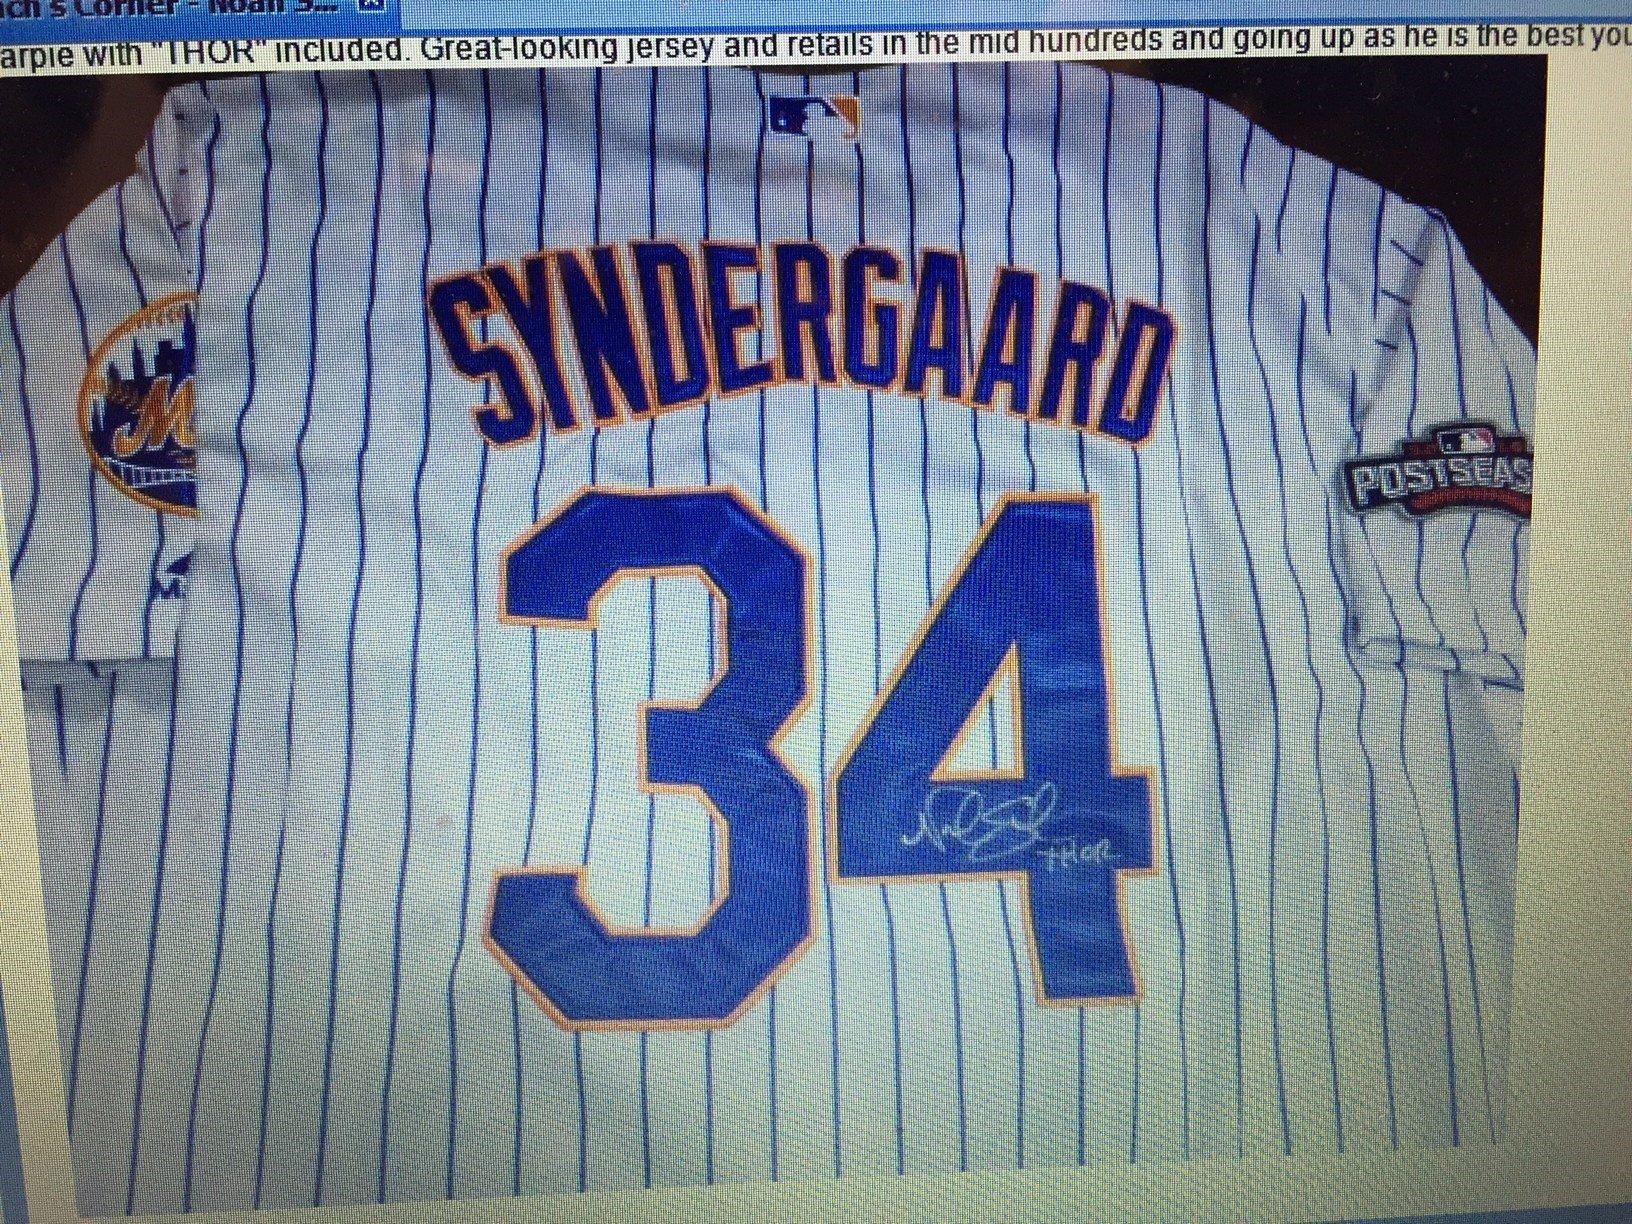 Noah Syndergaard #34